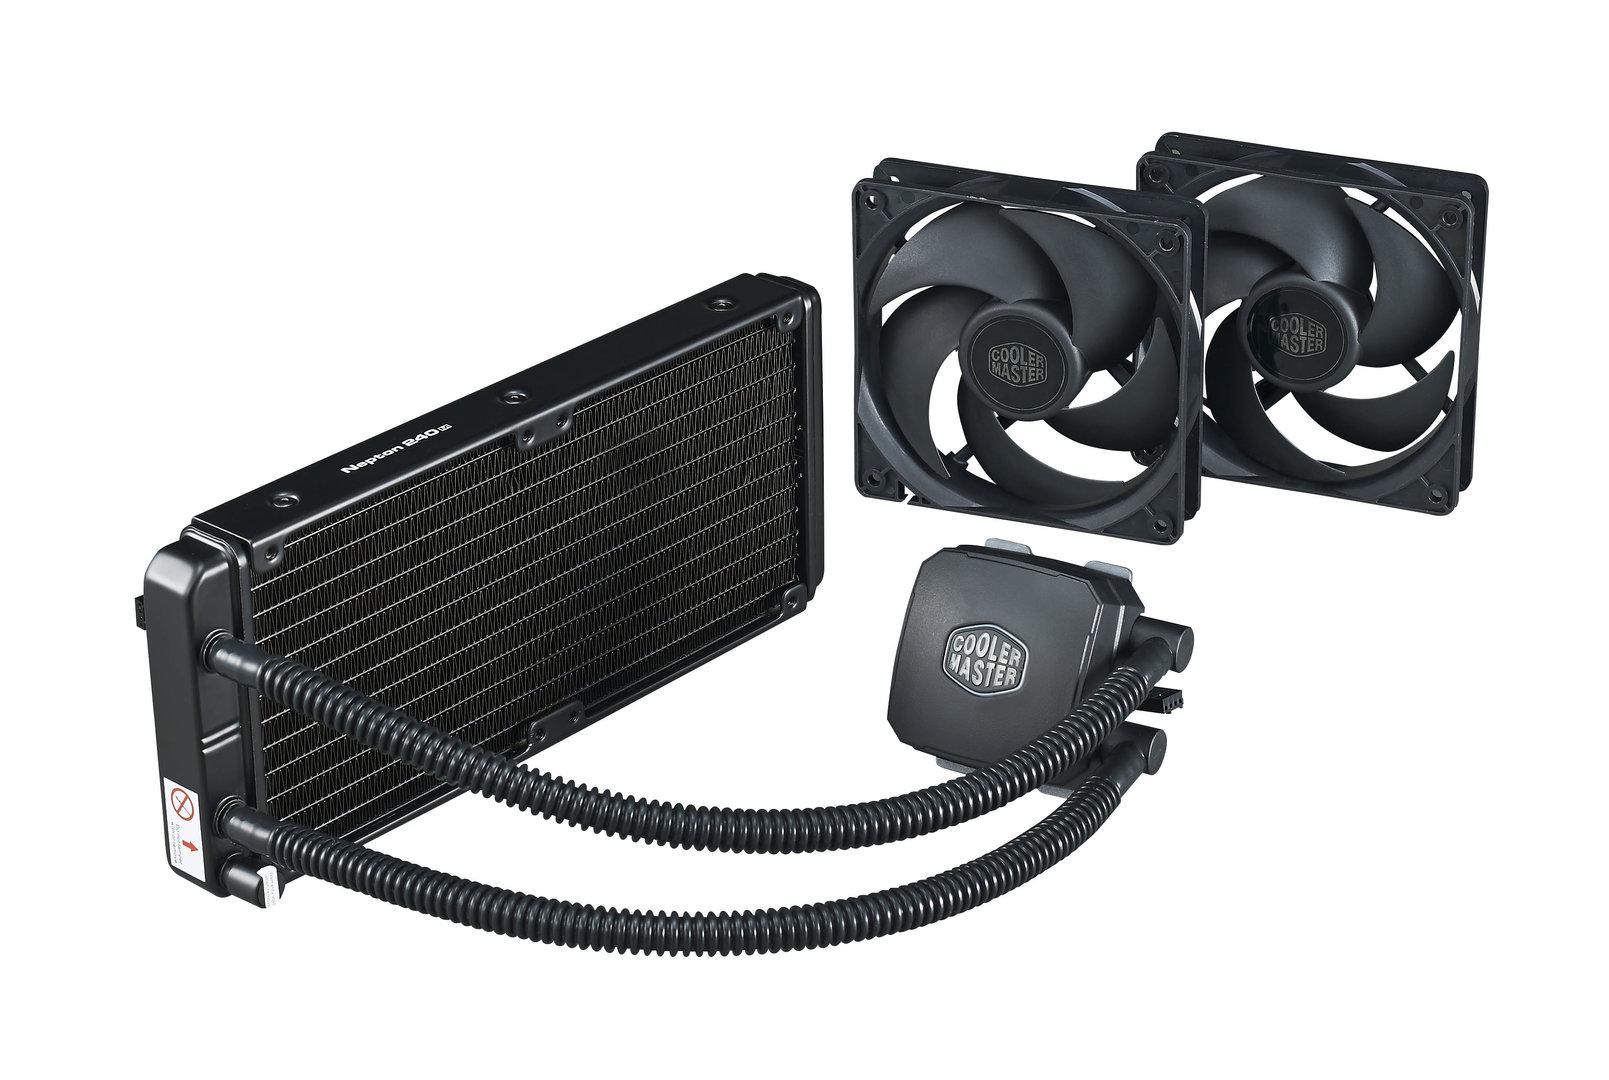 Cooler Master Nepton 240M